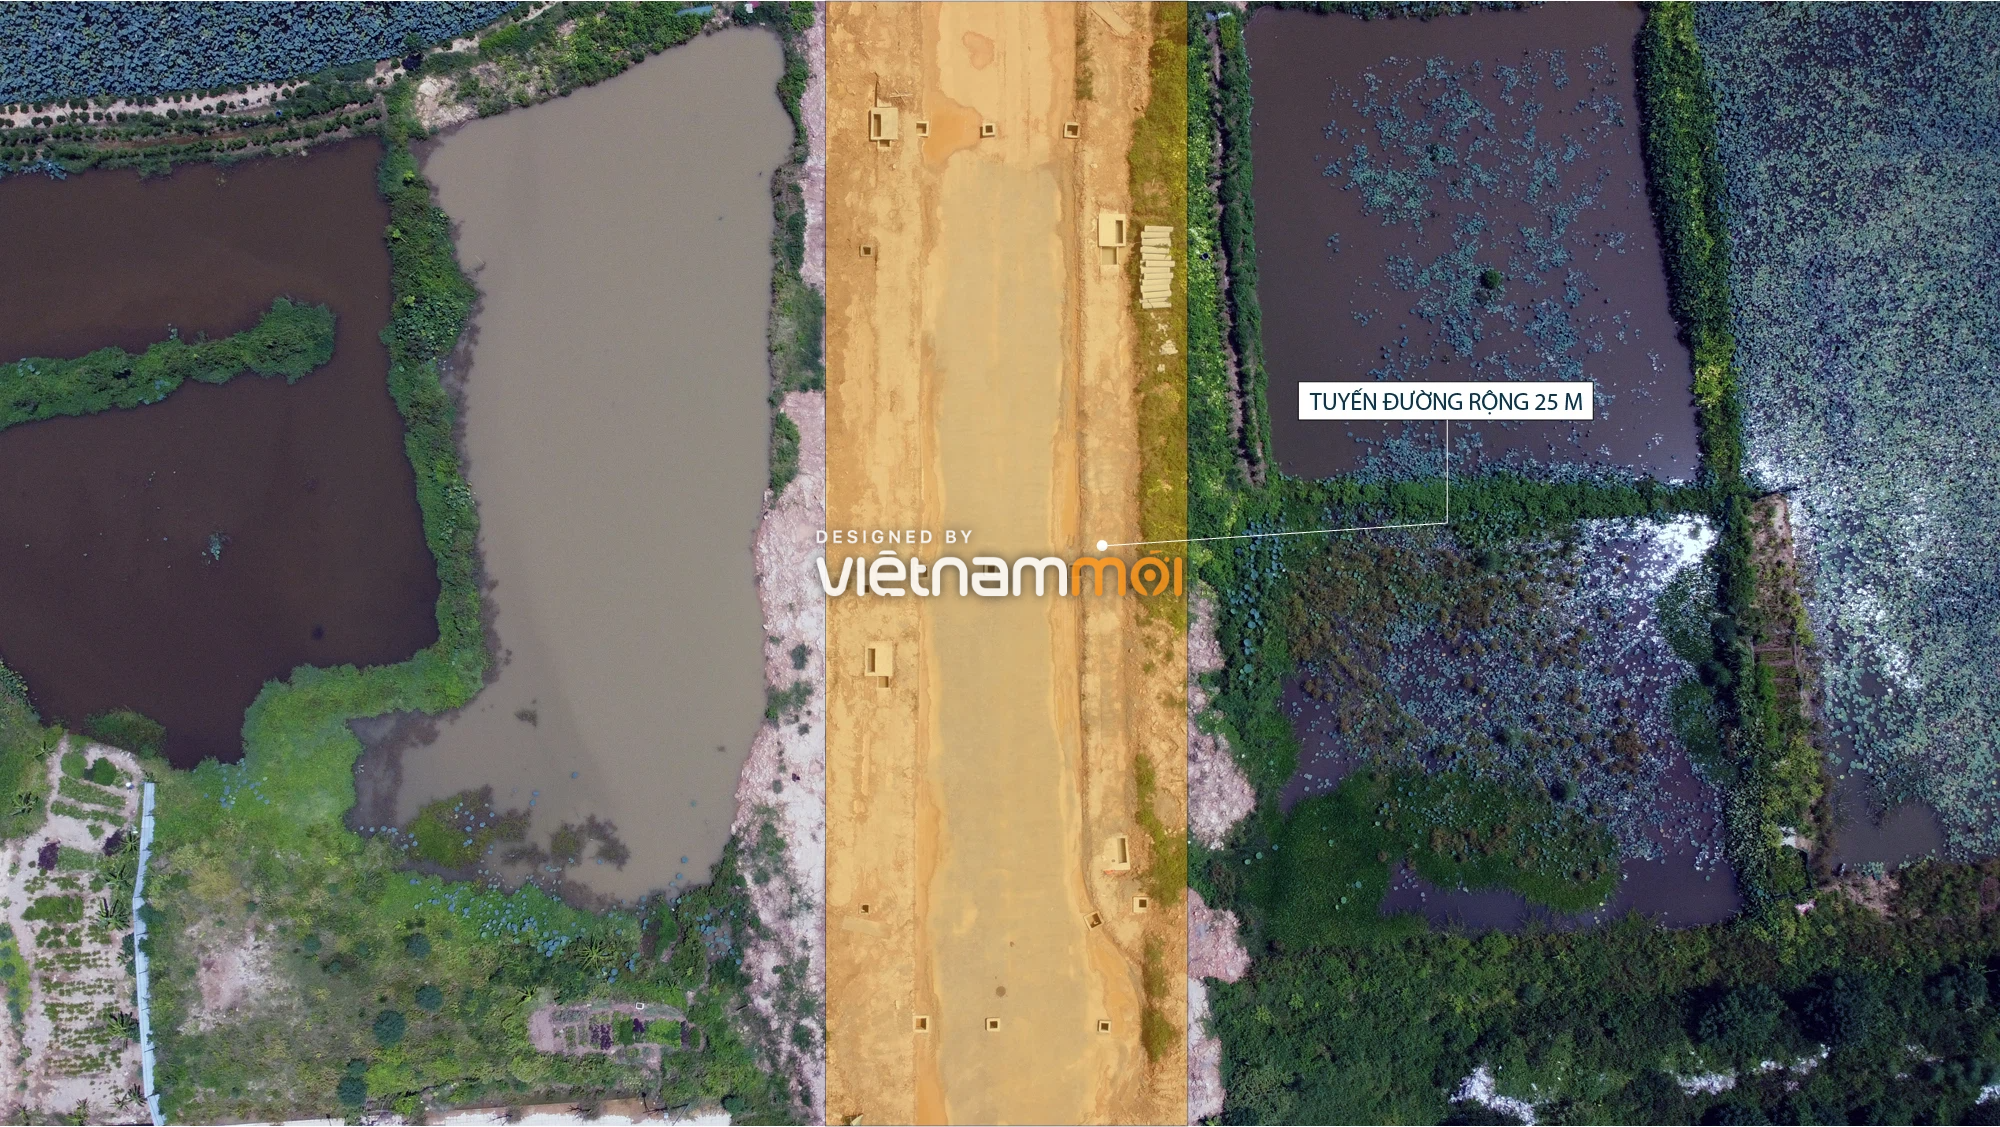 Toàn cảnh tuyến đường nối Hoàng Tăng Bí - Phố Viên đang mở theo quy hoạch ở Hà Nội - Ảnh 8.